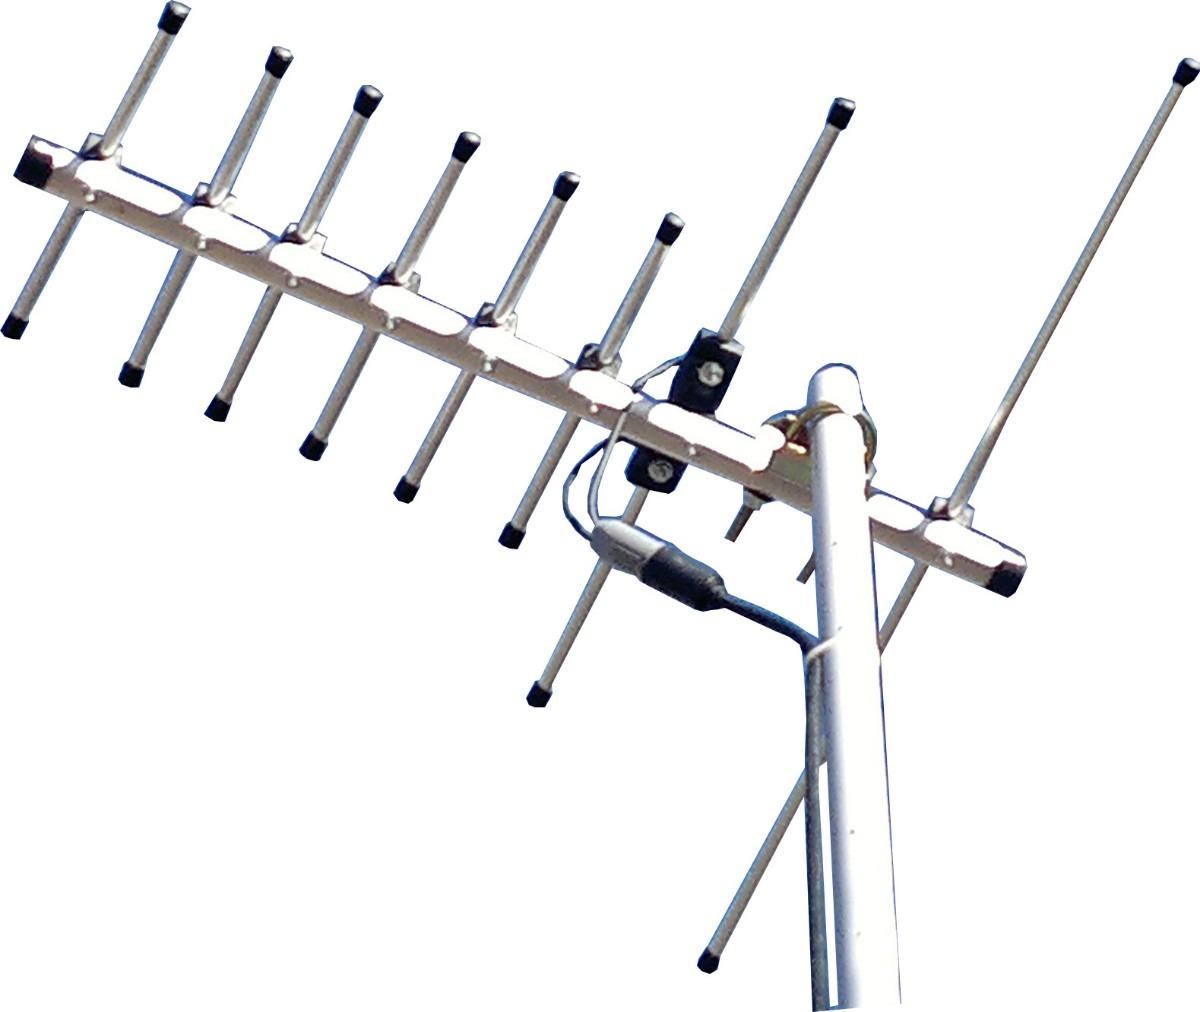 5 Tips Memilih Antena Dan Memasang Antena Televisi (TV) Yang Benar Dan Efektif